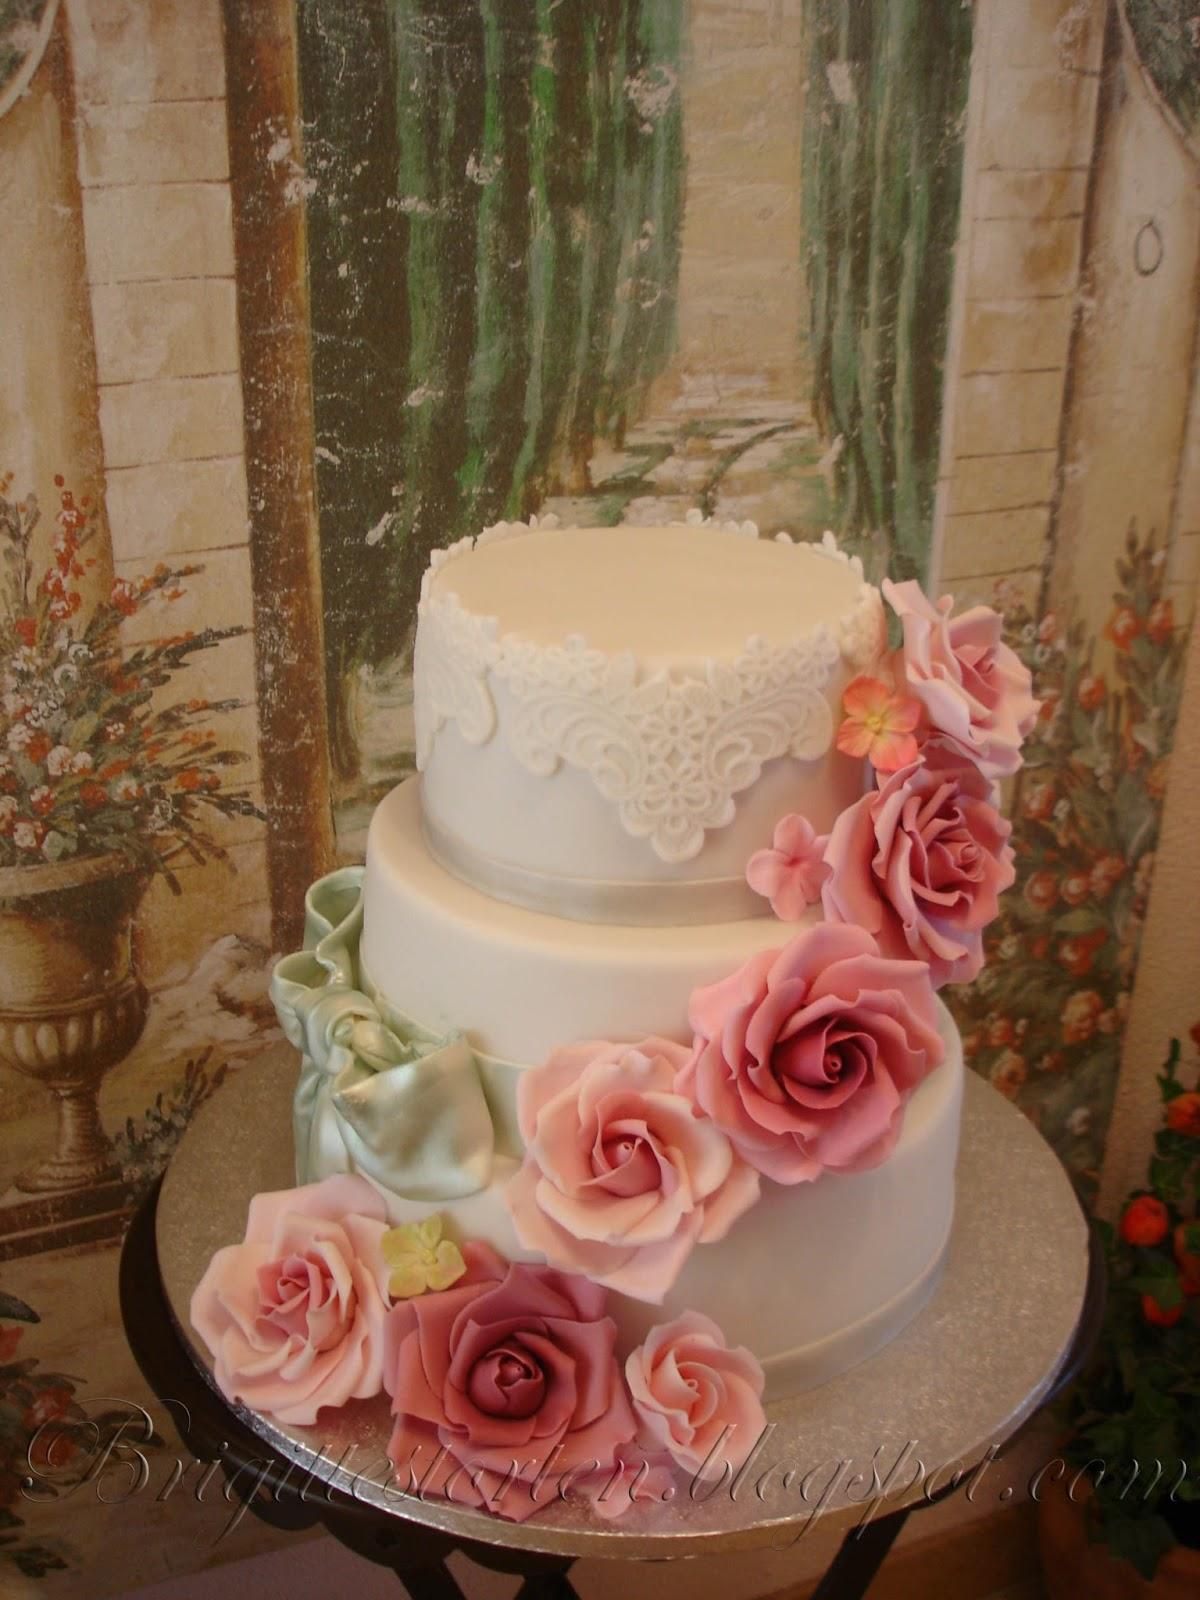 Romantische Hochzeitstorte Mit Altrosa Rosen Silber Schleife Und